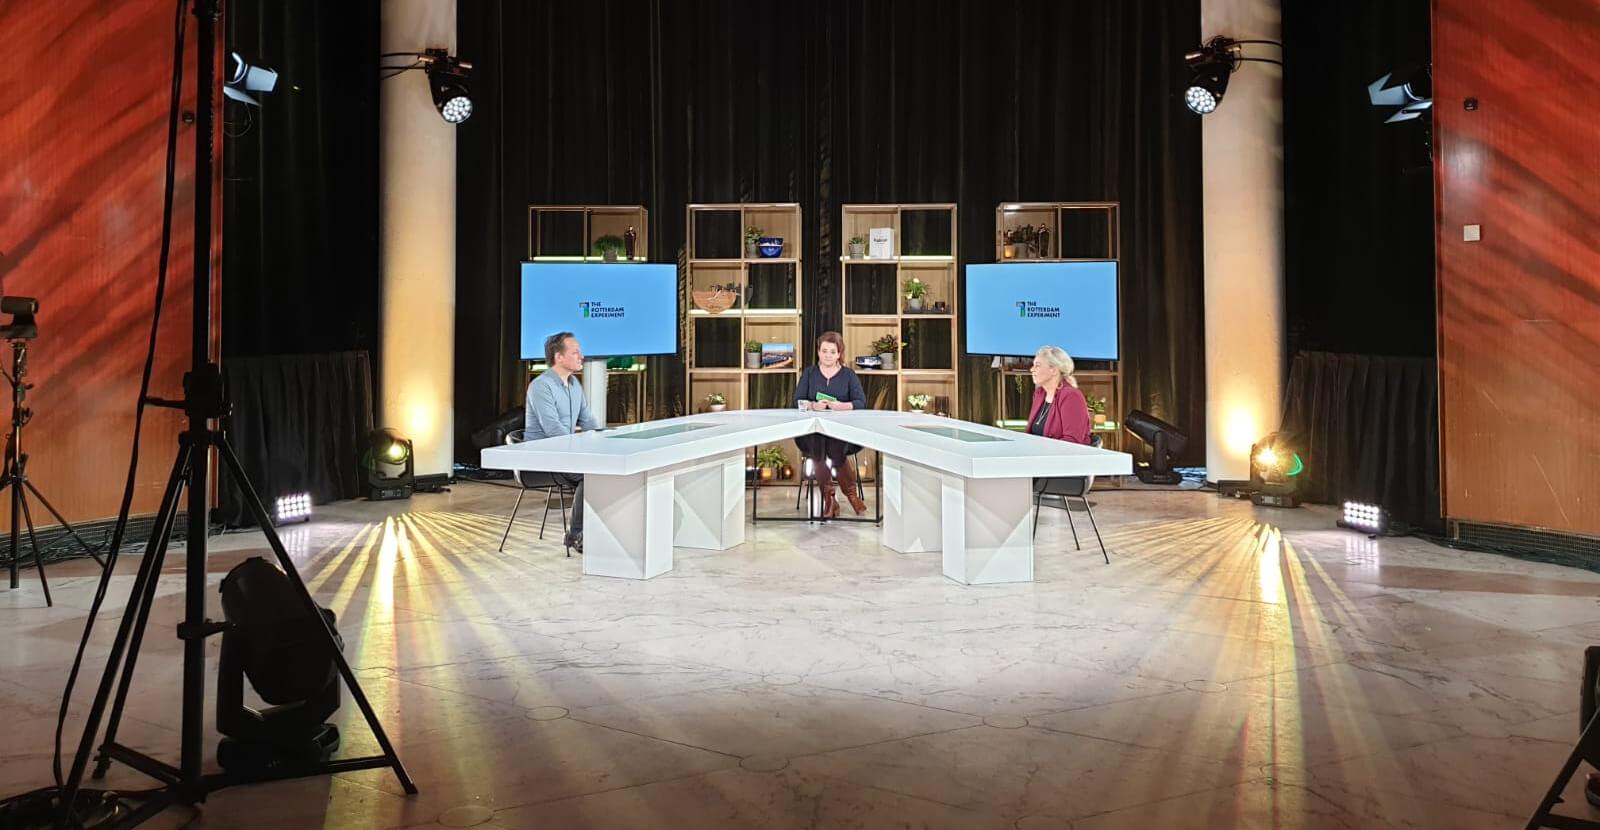 De 'Table Talk' leverde interessante gesprekken op, en waardevolle inzichten, die binnenkort op de event webpage zullen worden gedeeld.